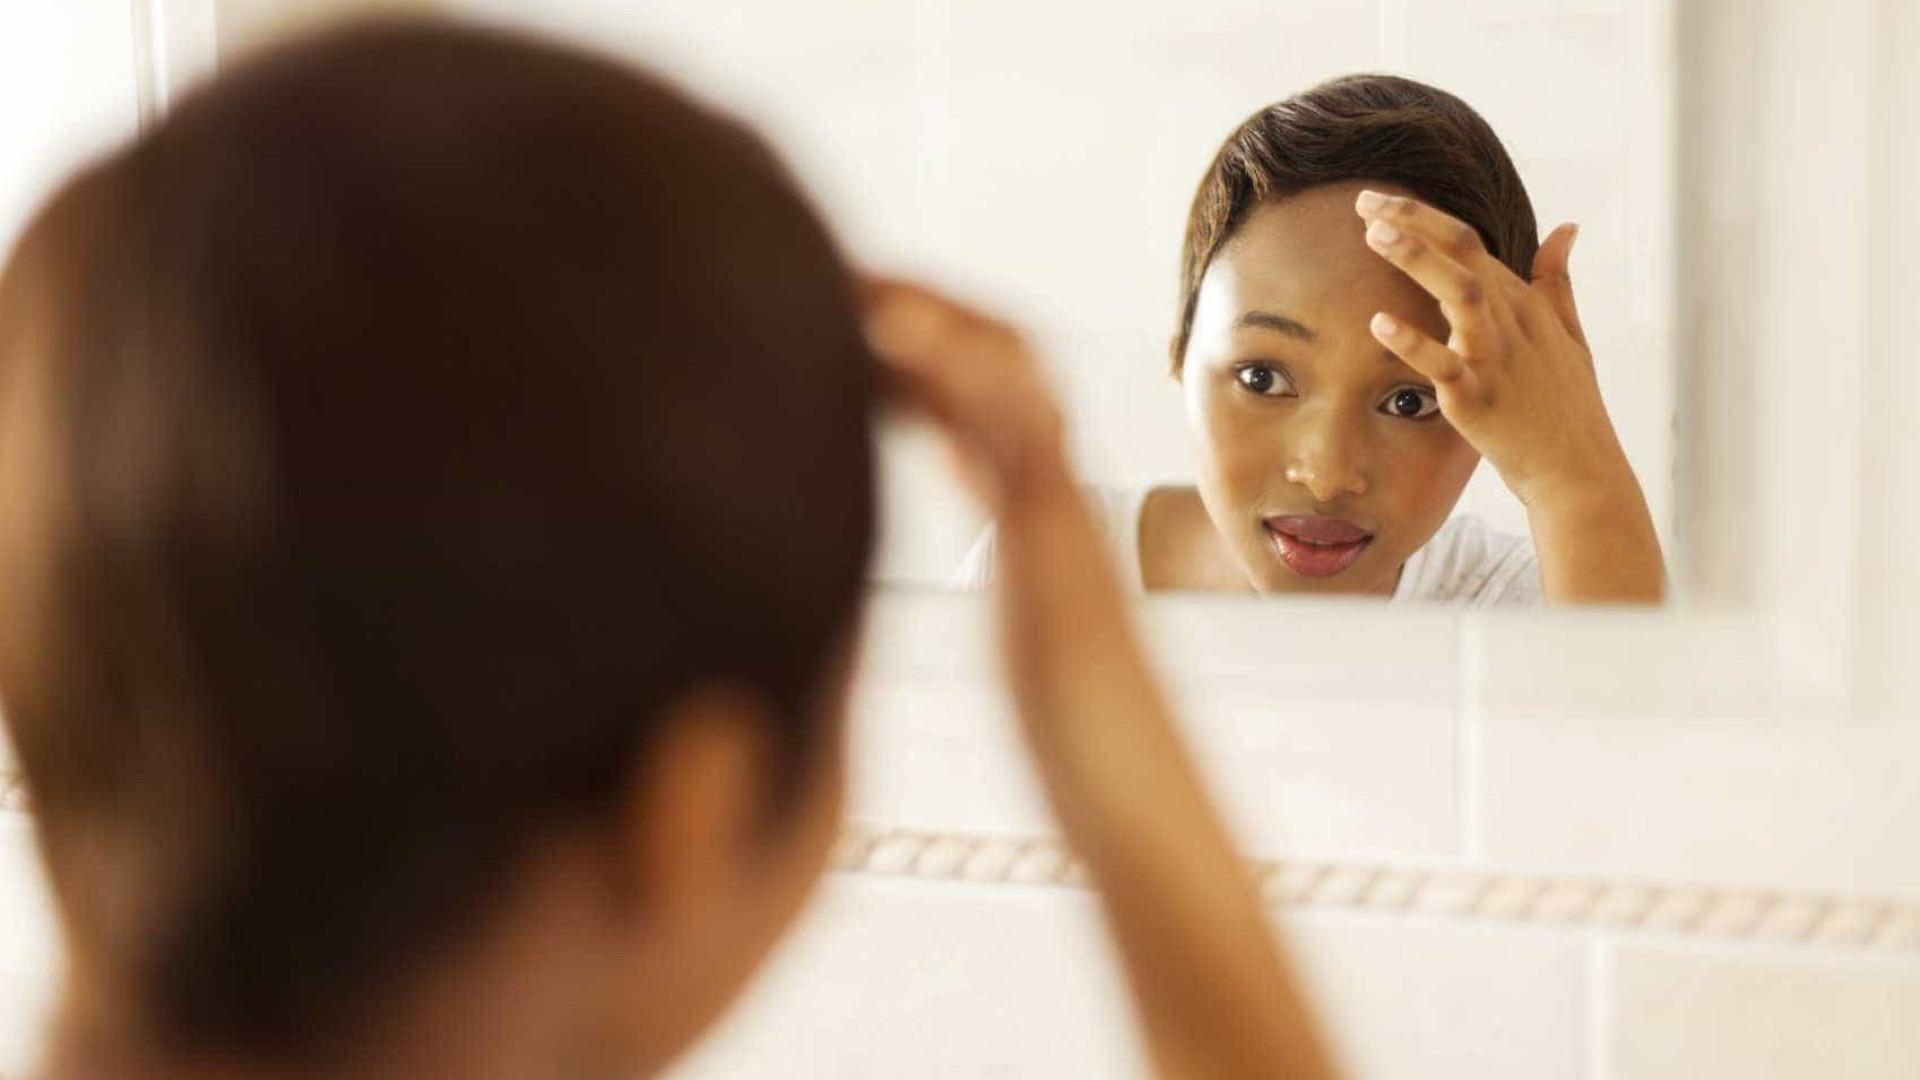 Dieta de baixo índice glicêmico diminui acne, diz estudo